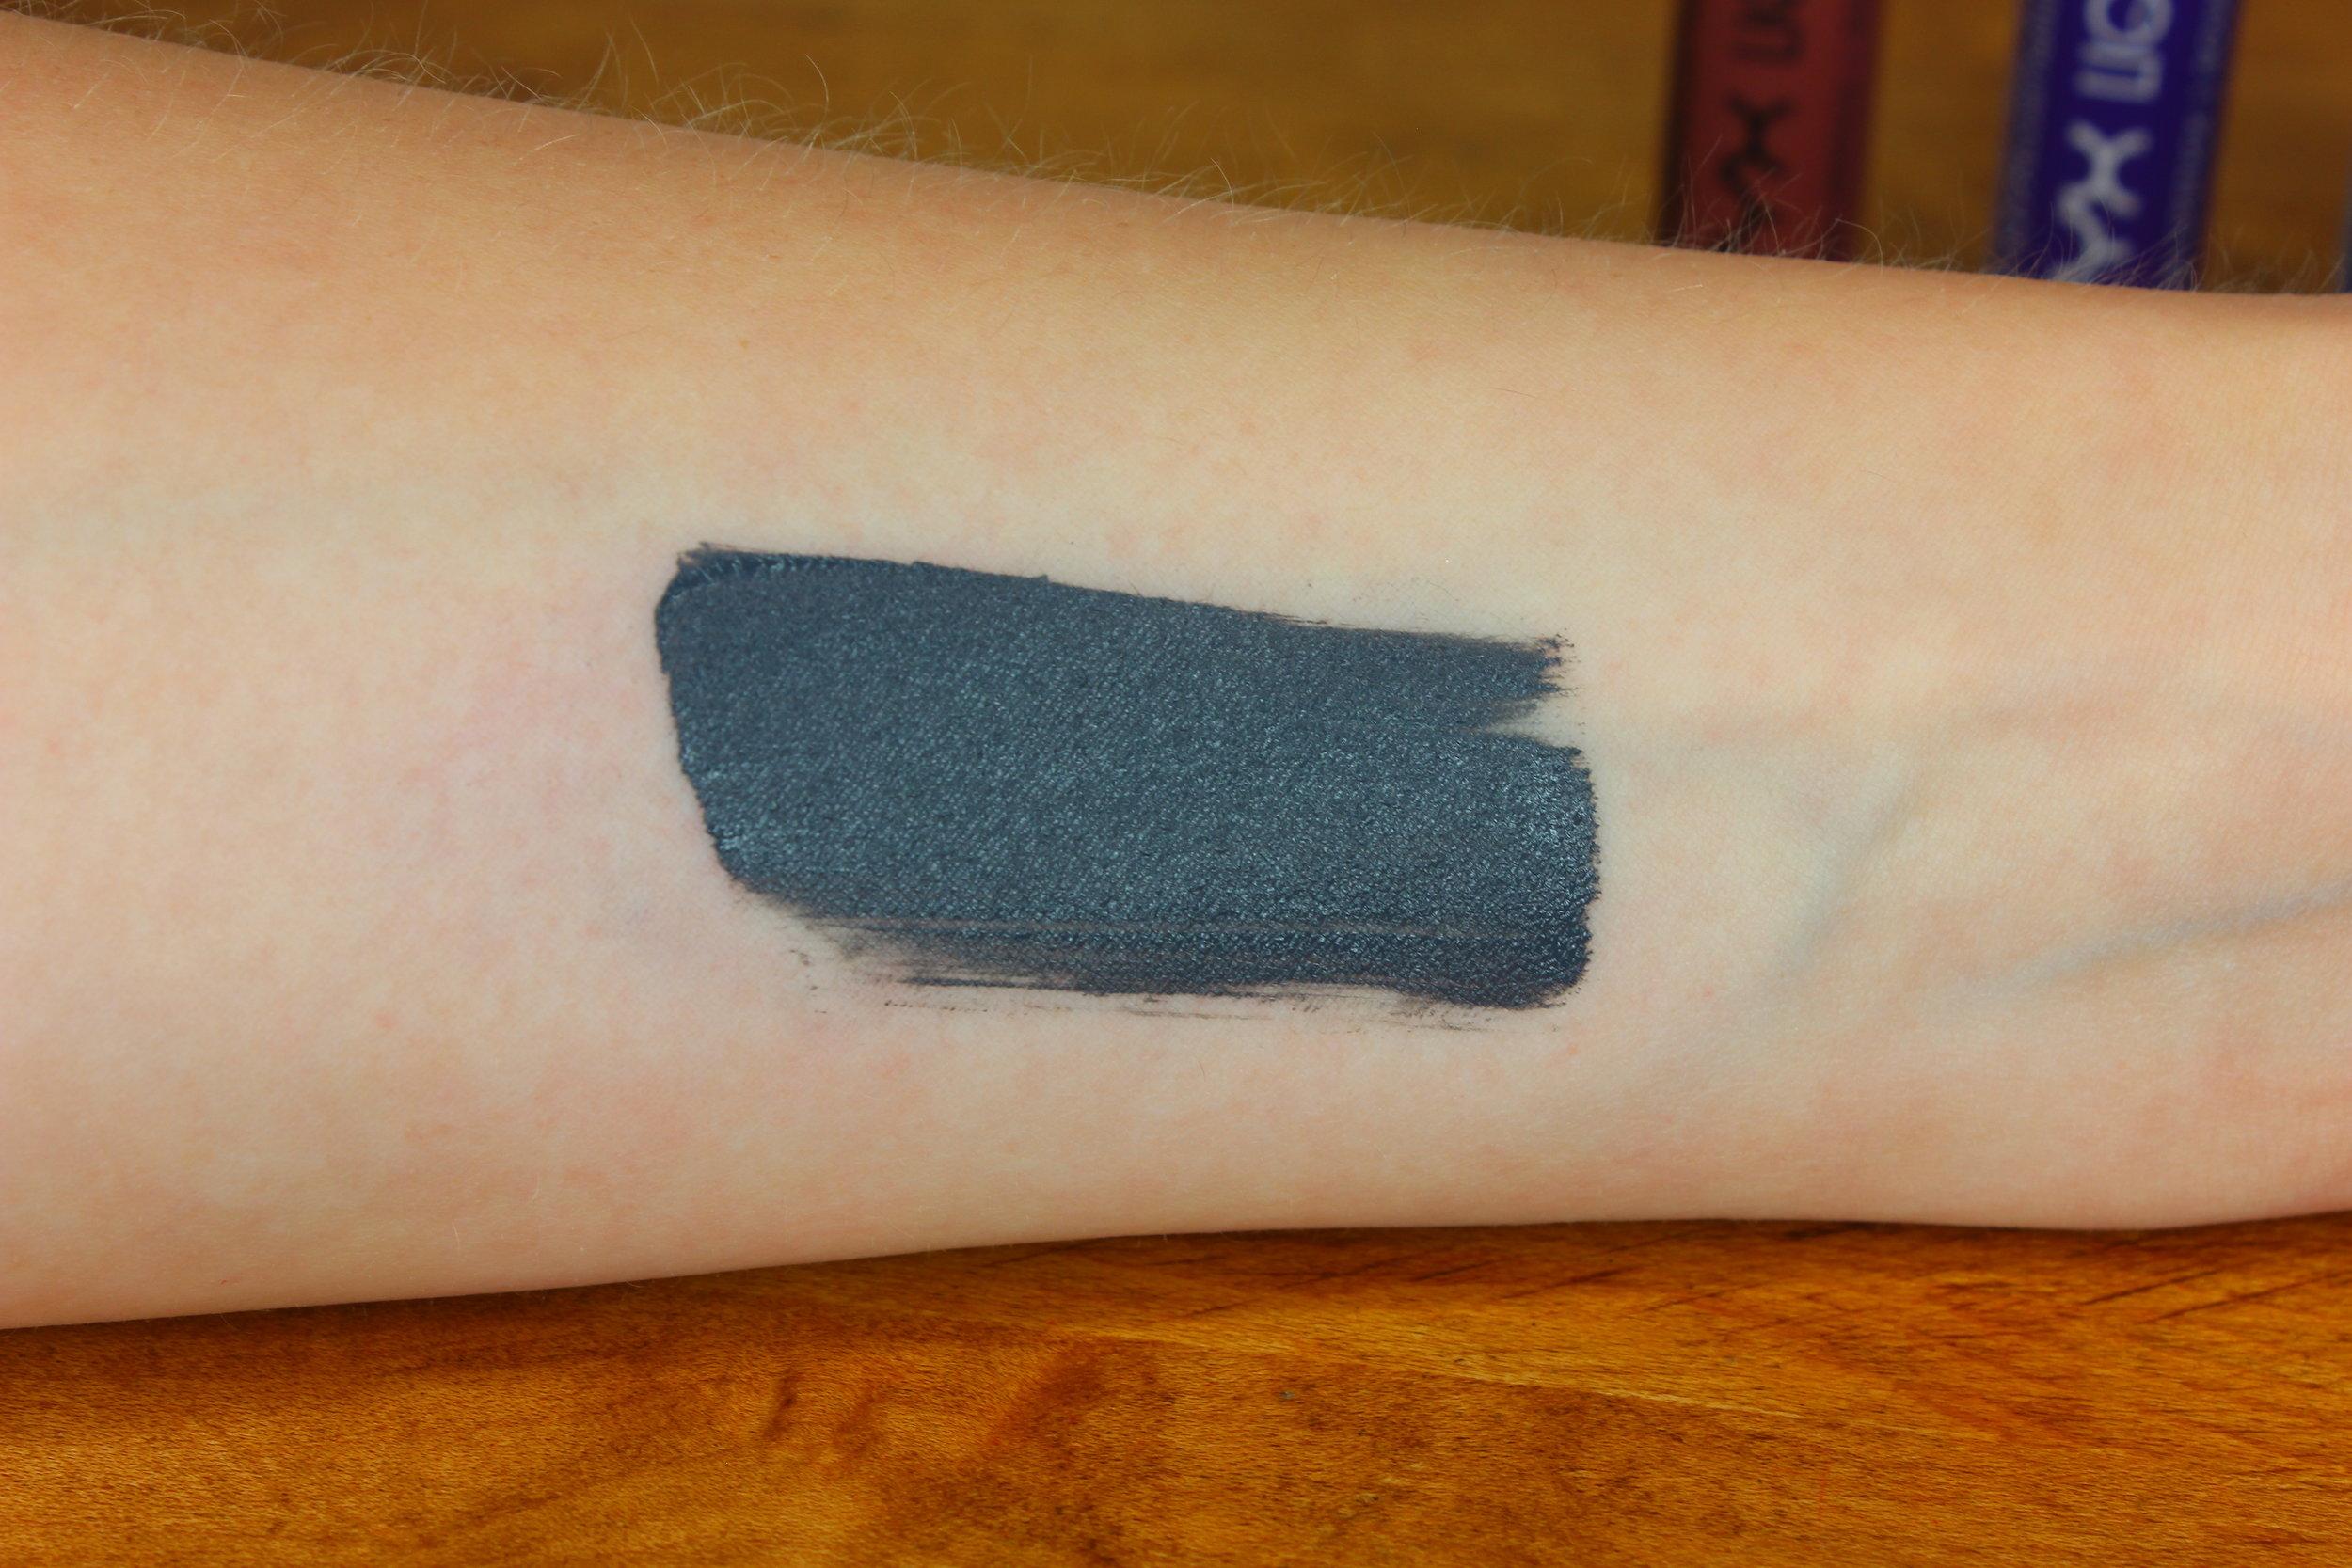 NYX Cosmetics Liquid Suede lipstick in Stone Fox